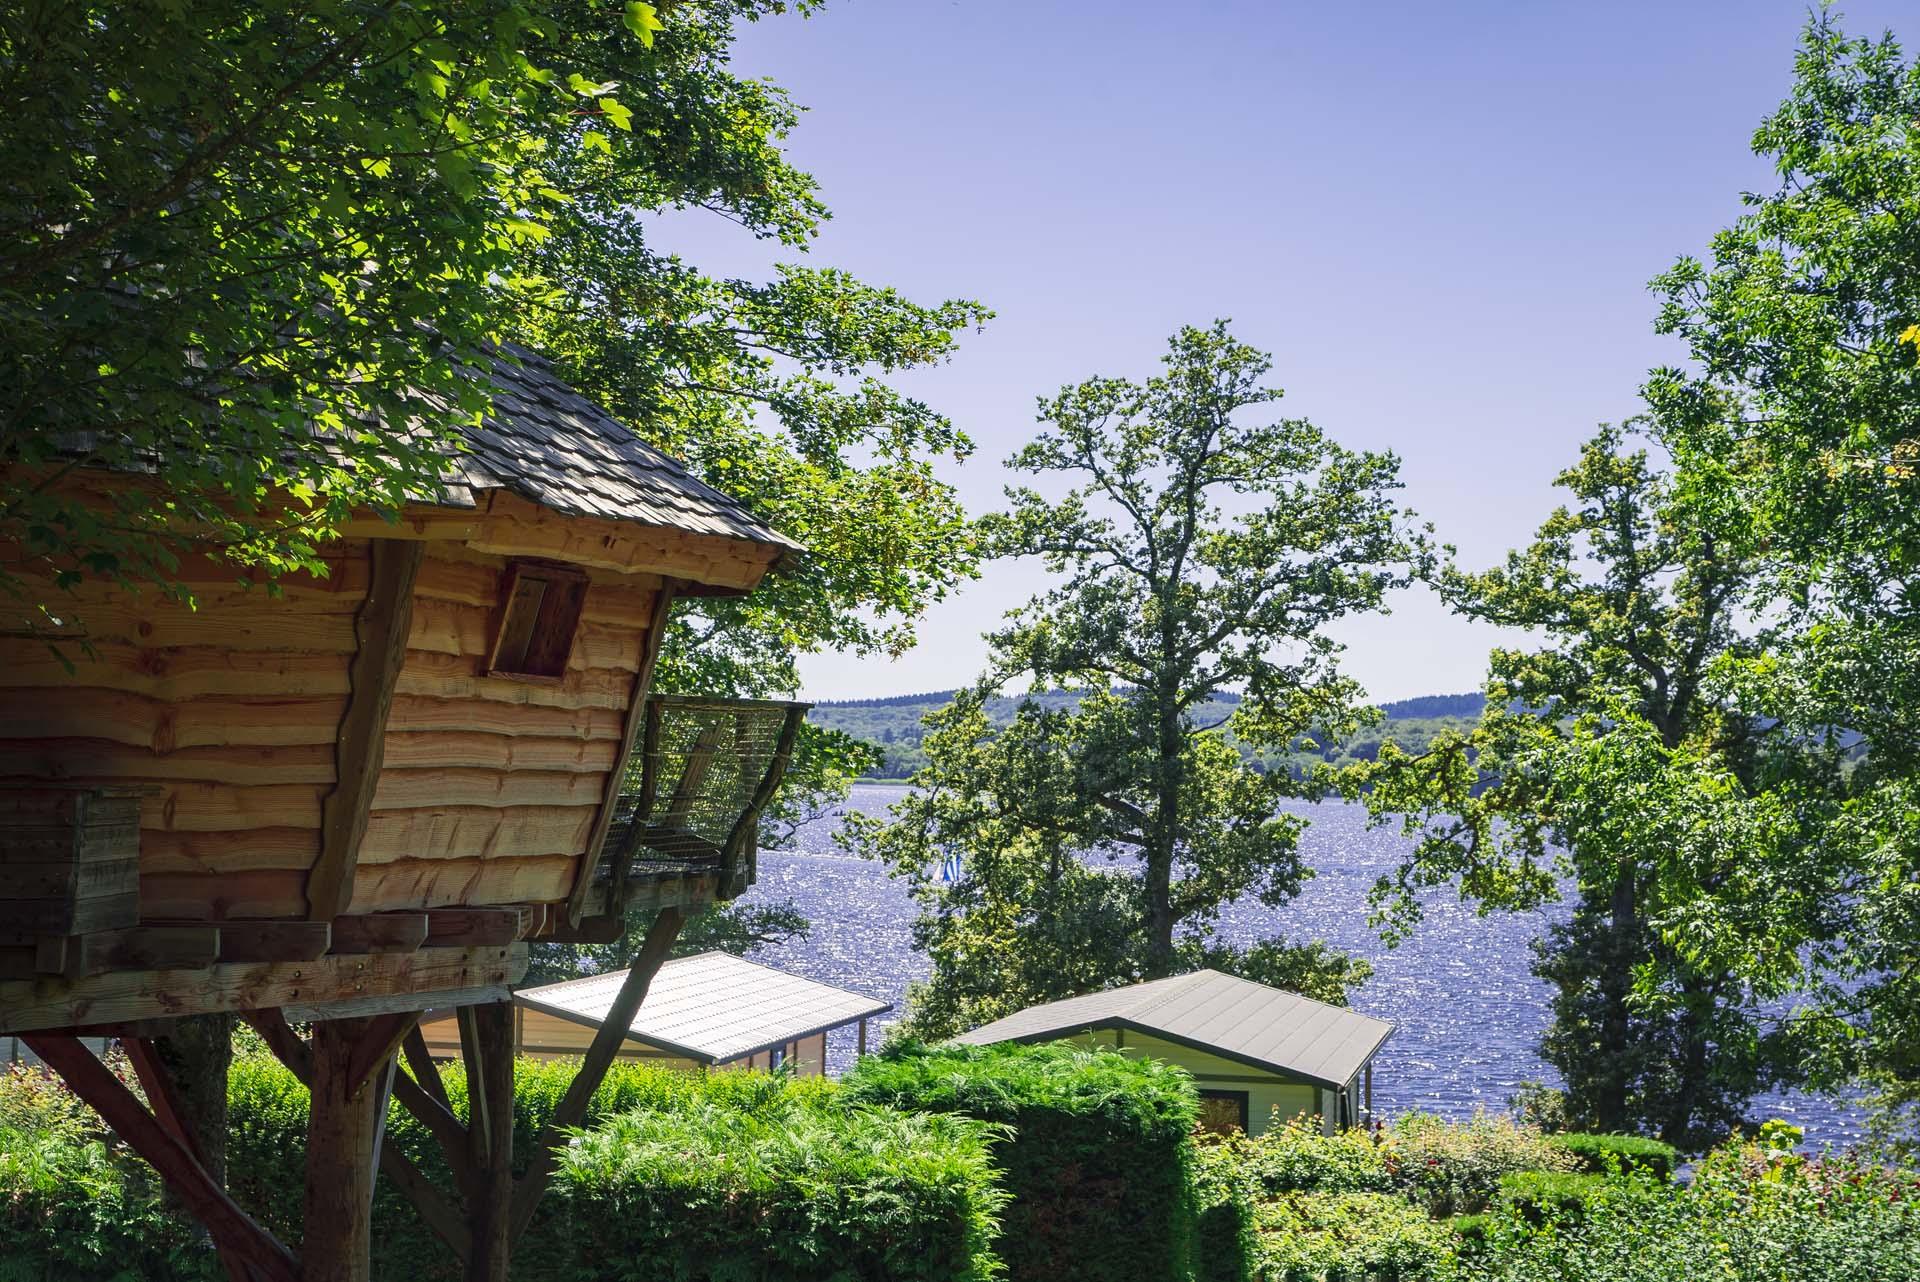 Cabane perchée du camping Plage du Midi au lac des Settons